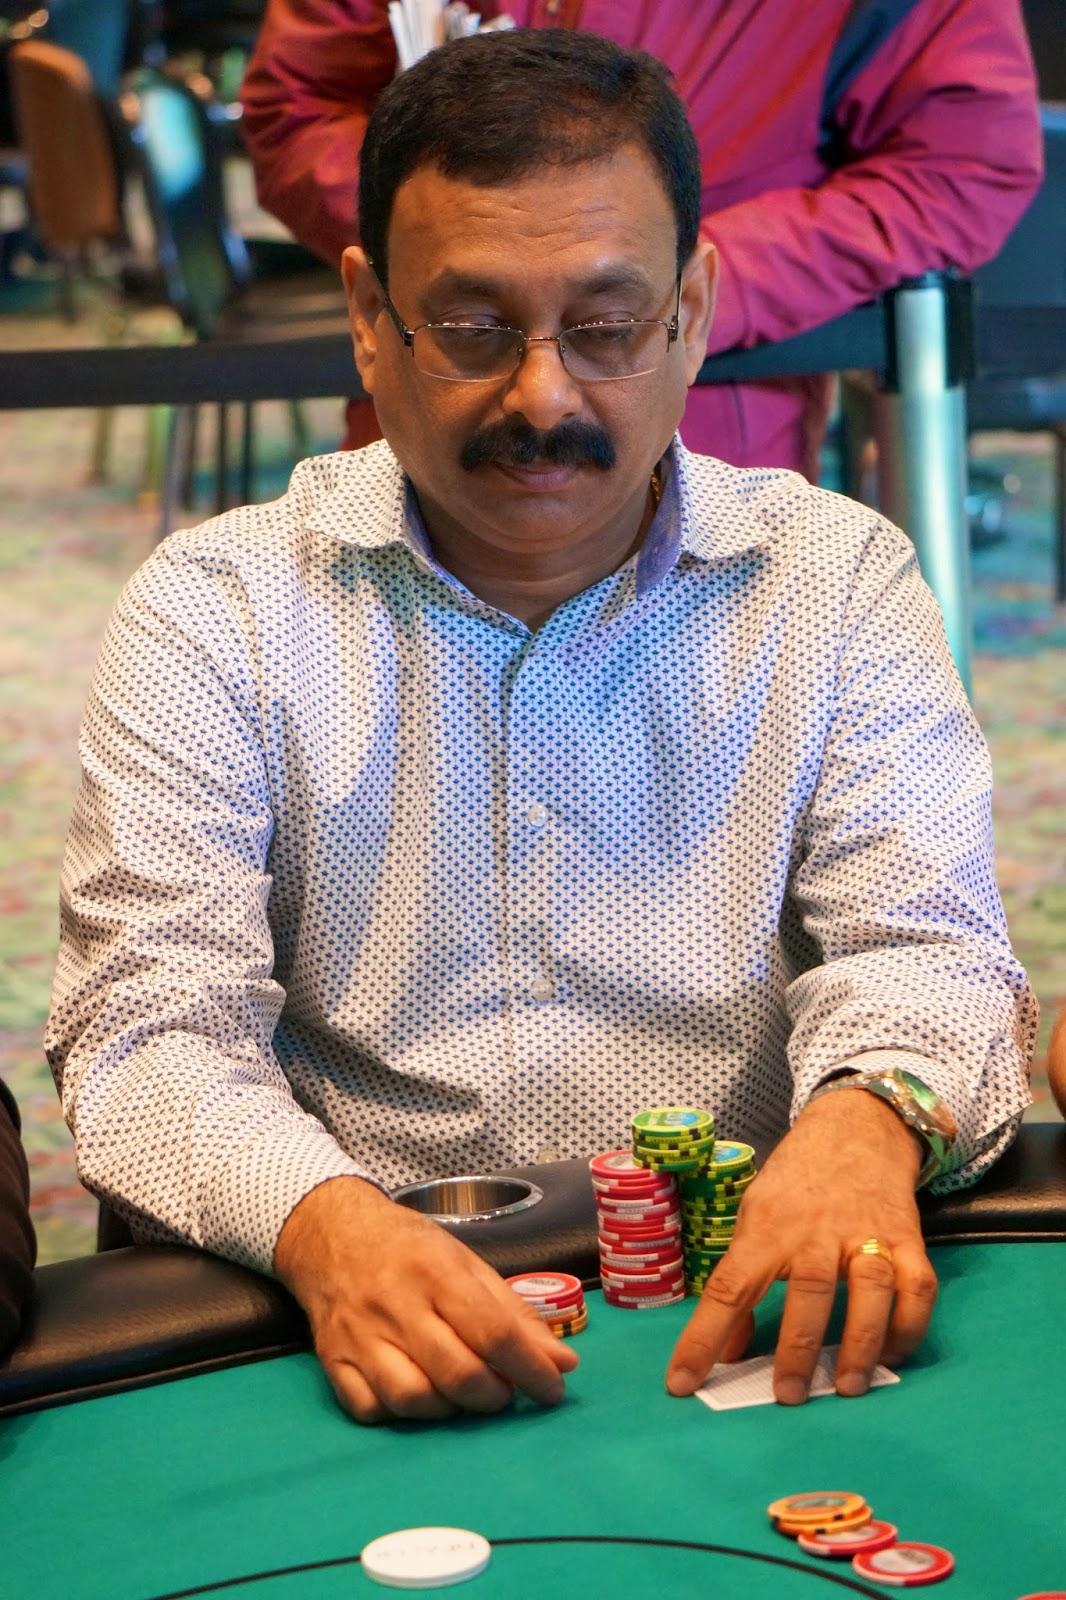 Tom poker player online gambling in south carolina